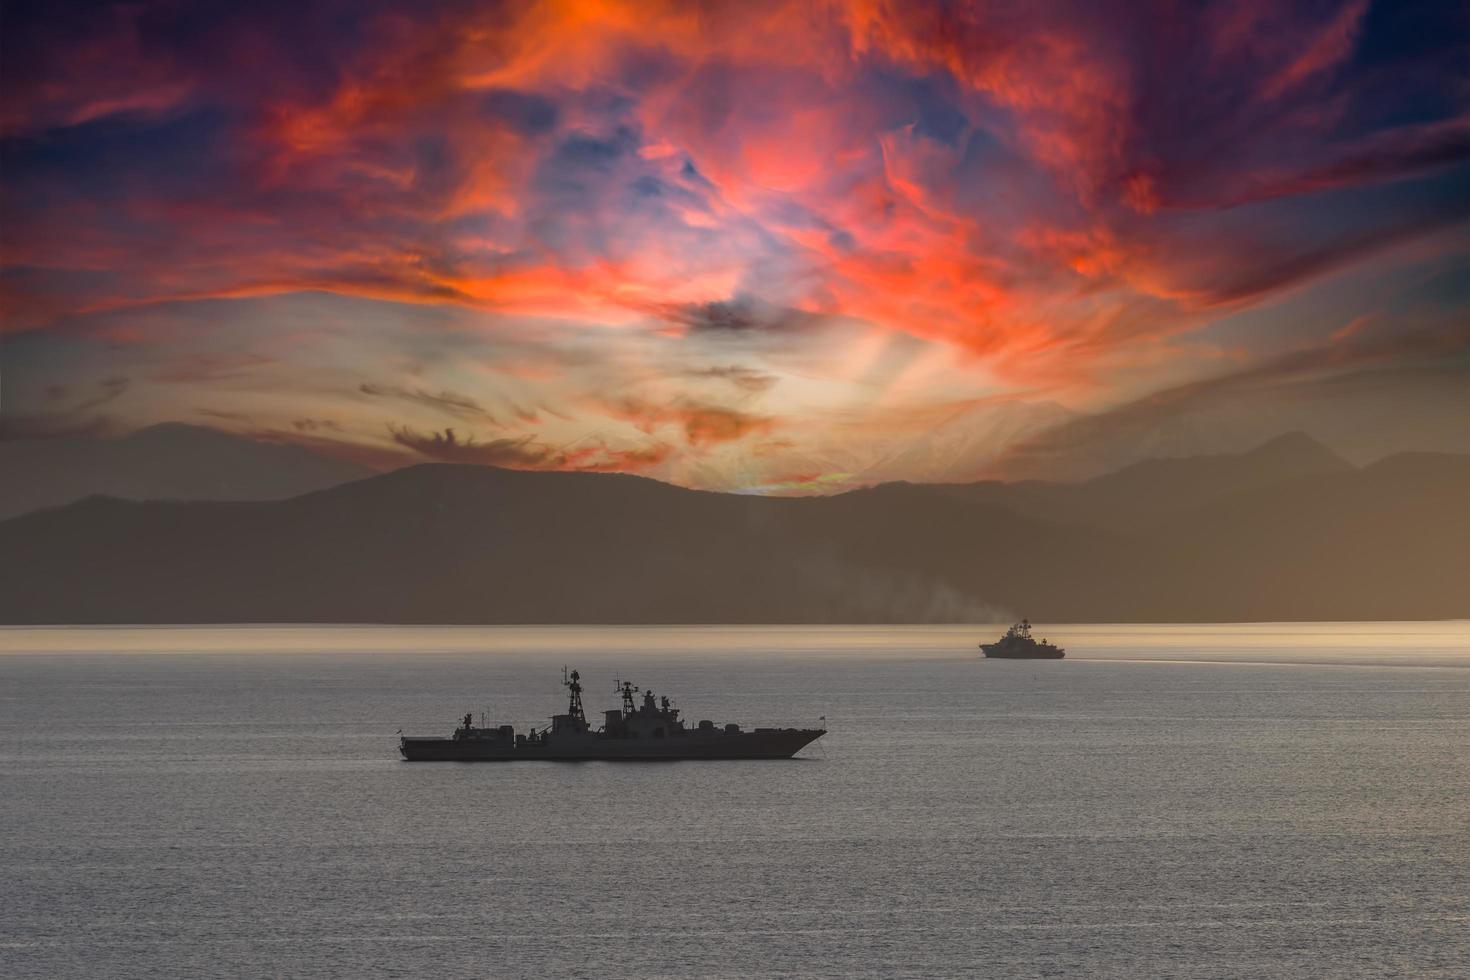 marinmålning med silhuett krigsfartyg i vatten bredvid berg vid solnedgången foto